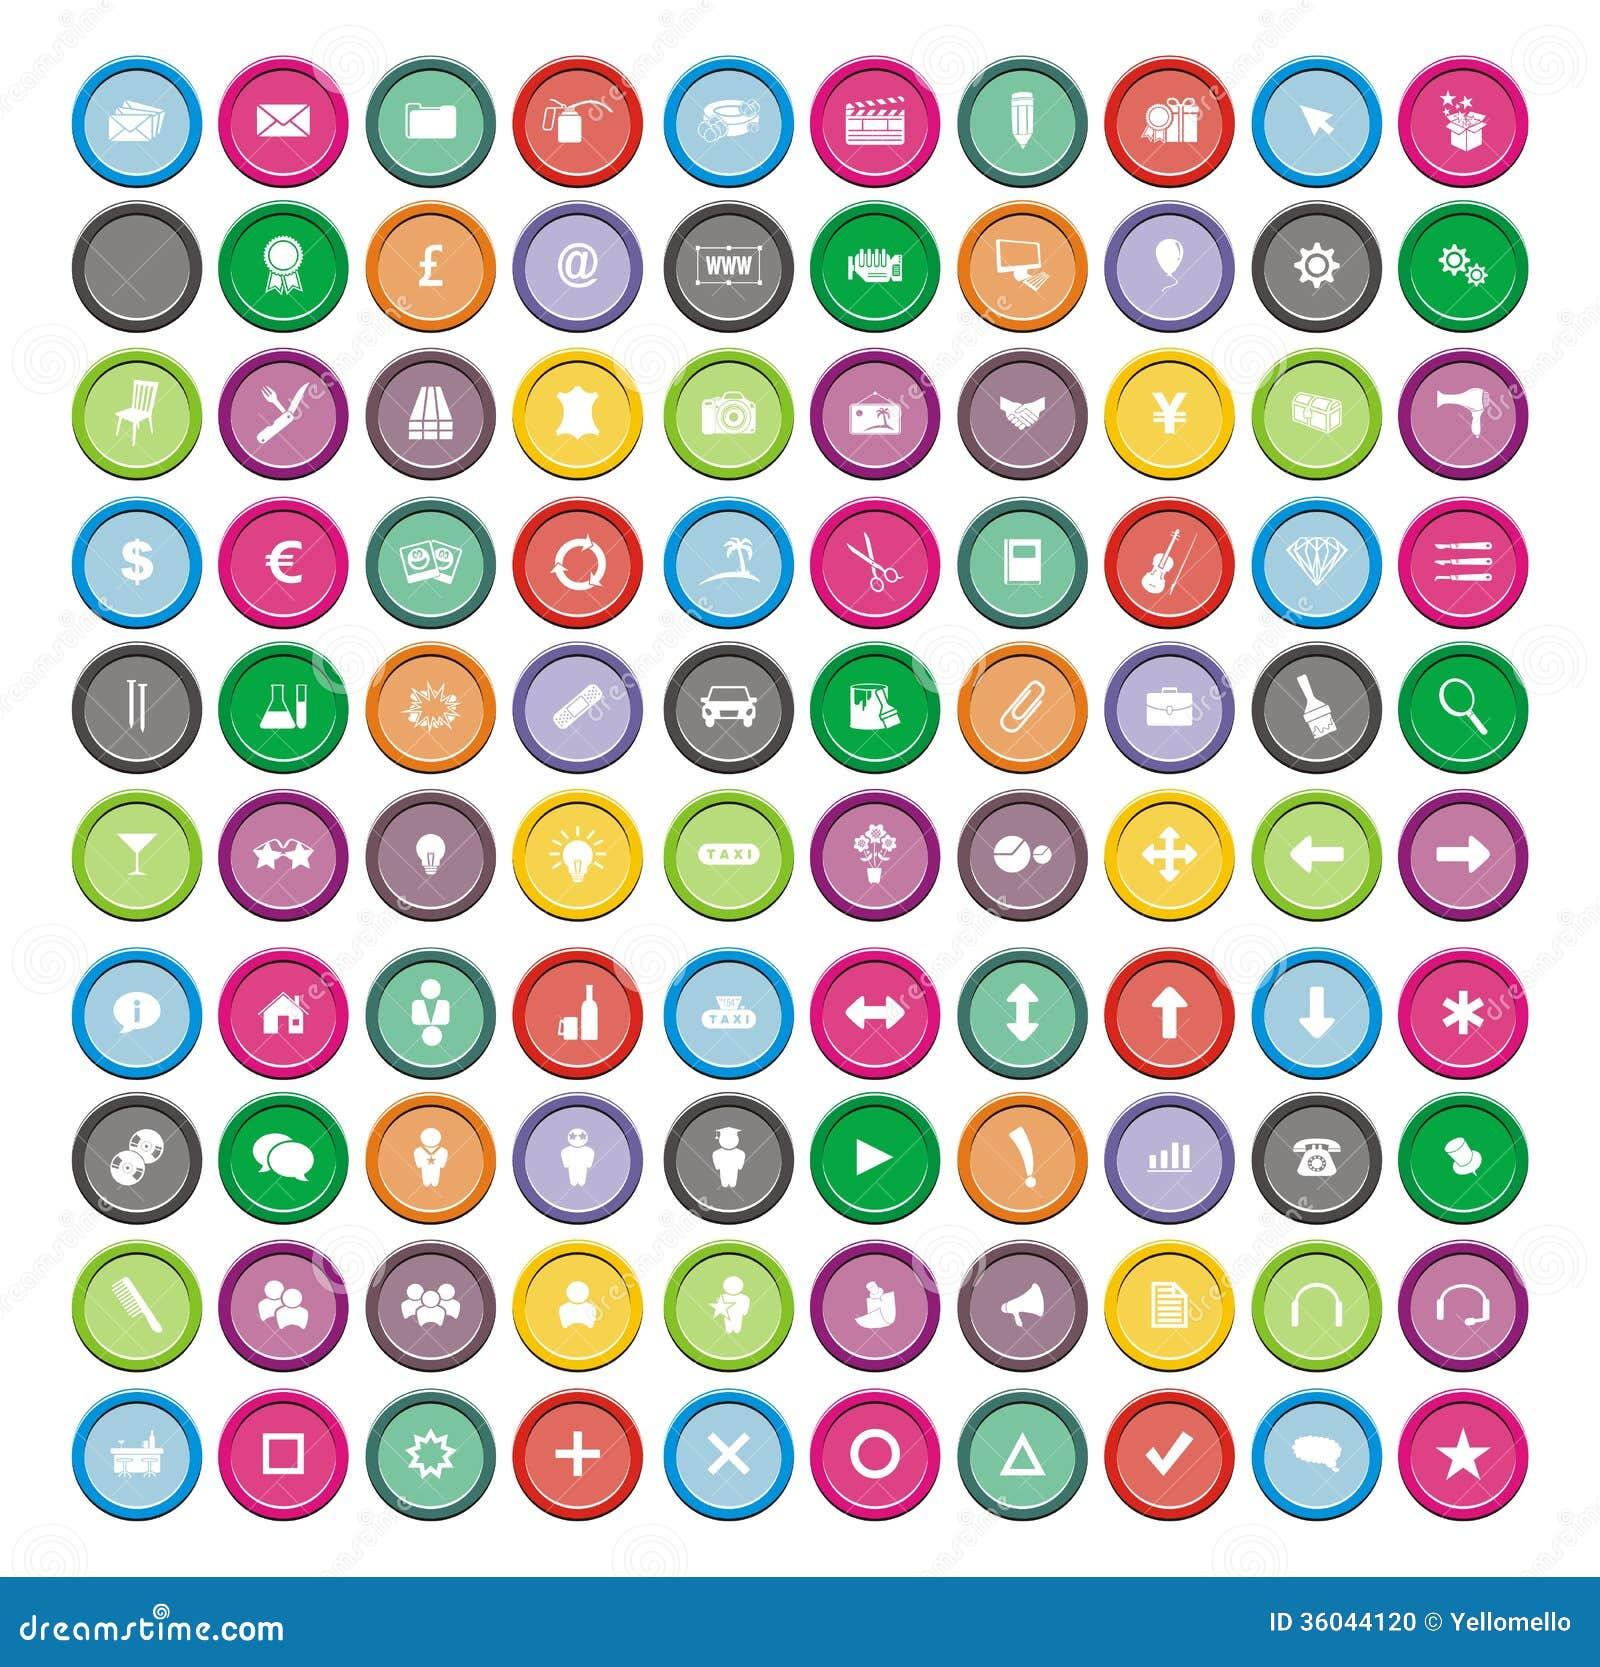 100 ronde pictogramreeksen